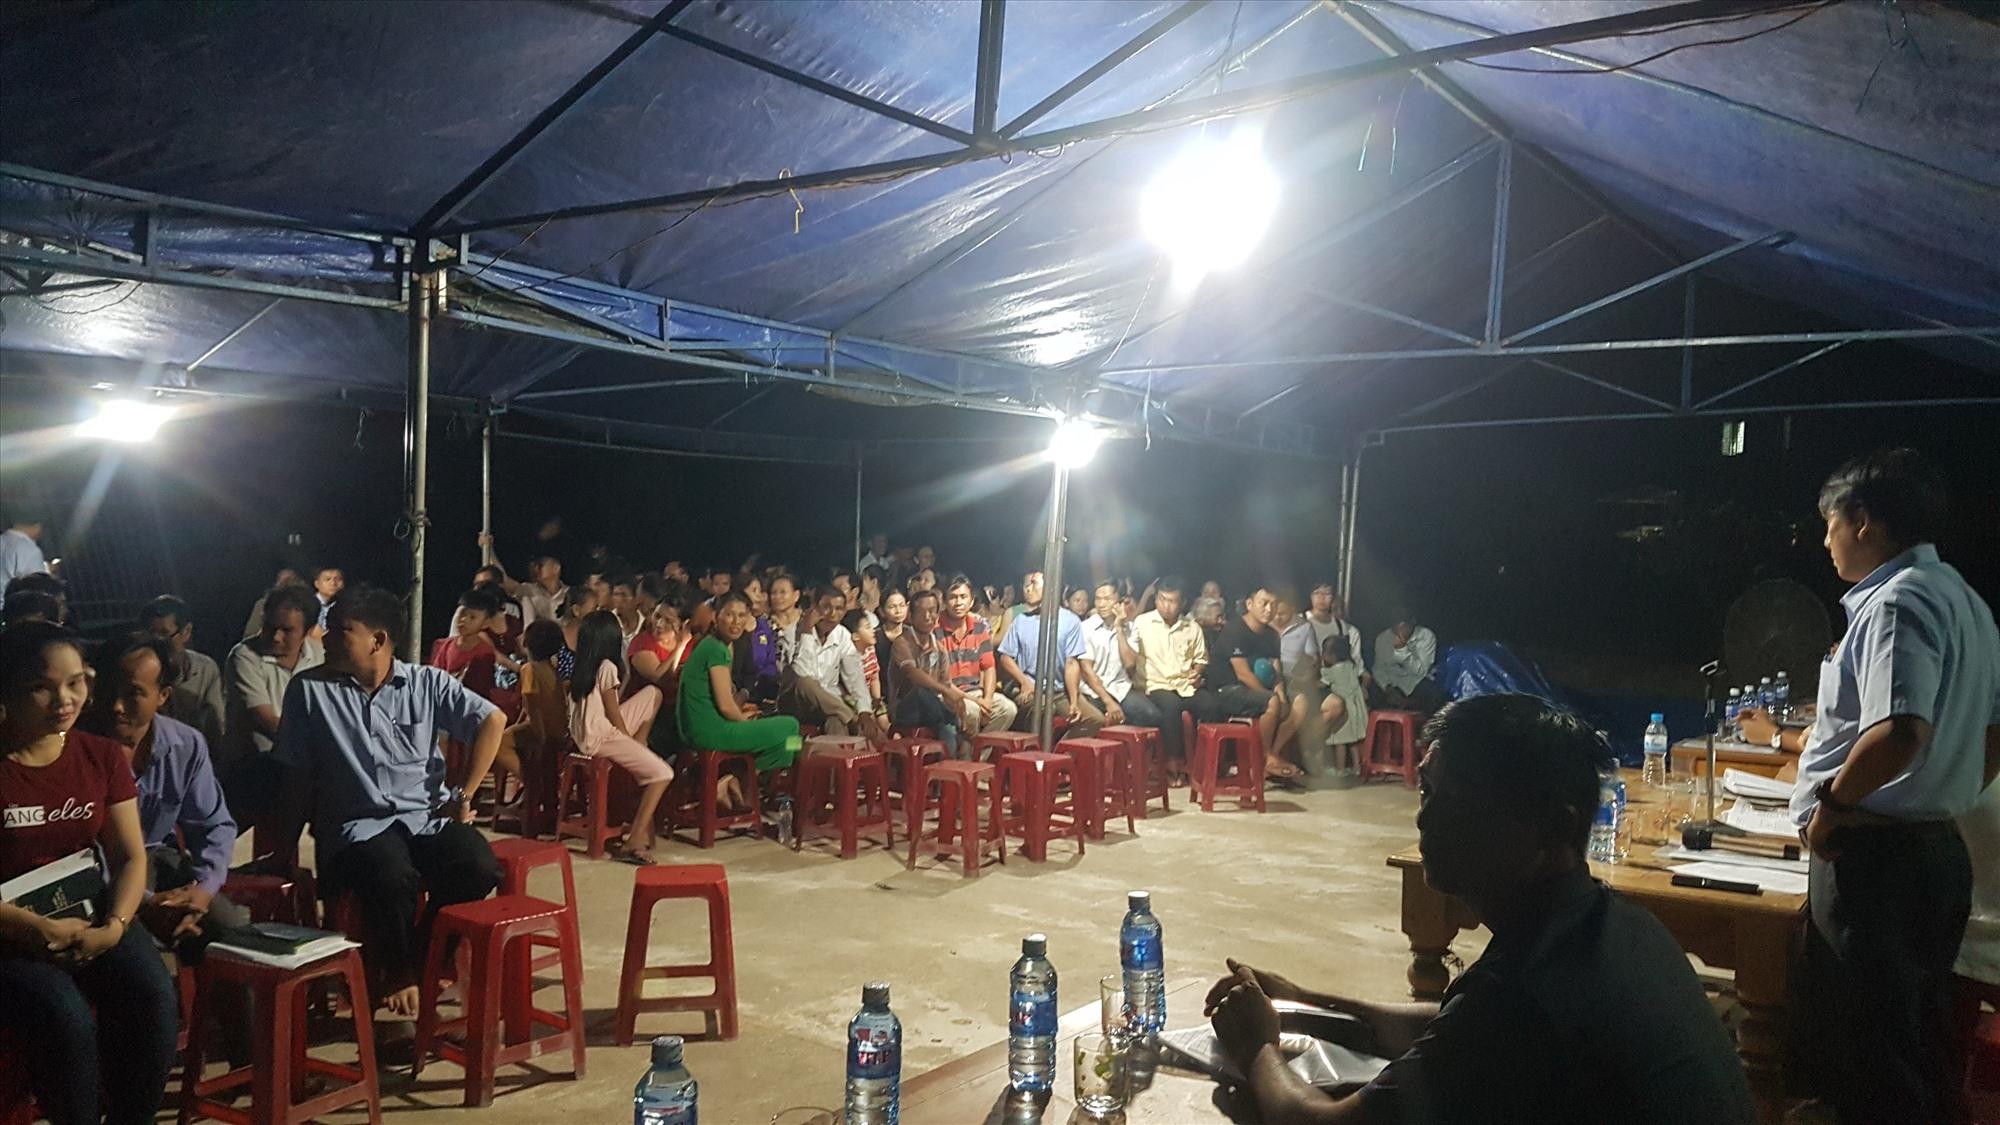 Buổi đối thoại diễn ra căng thẳng đã đi đến cam kết cuối cùng là trại heo Hùng Vân di dời trong vòng 30 ngày, từ 26.4 đến 26.5.2021. Ảnh: D.L